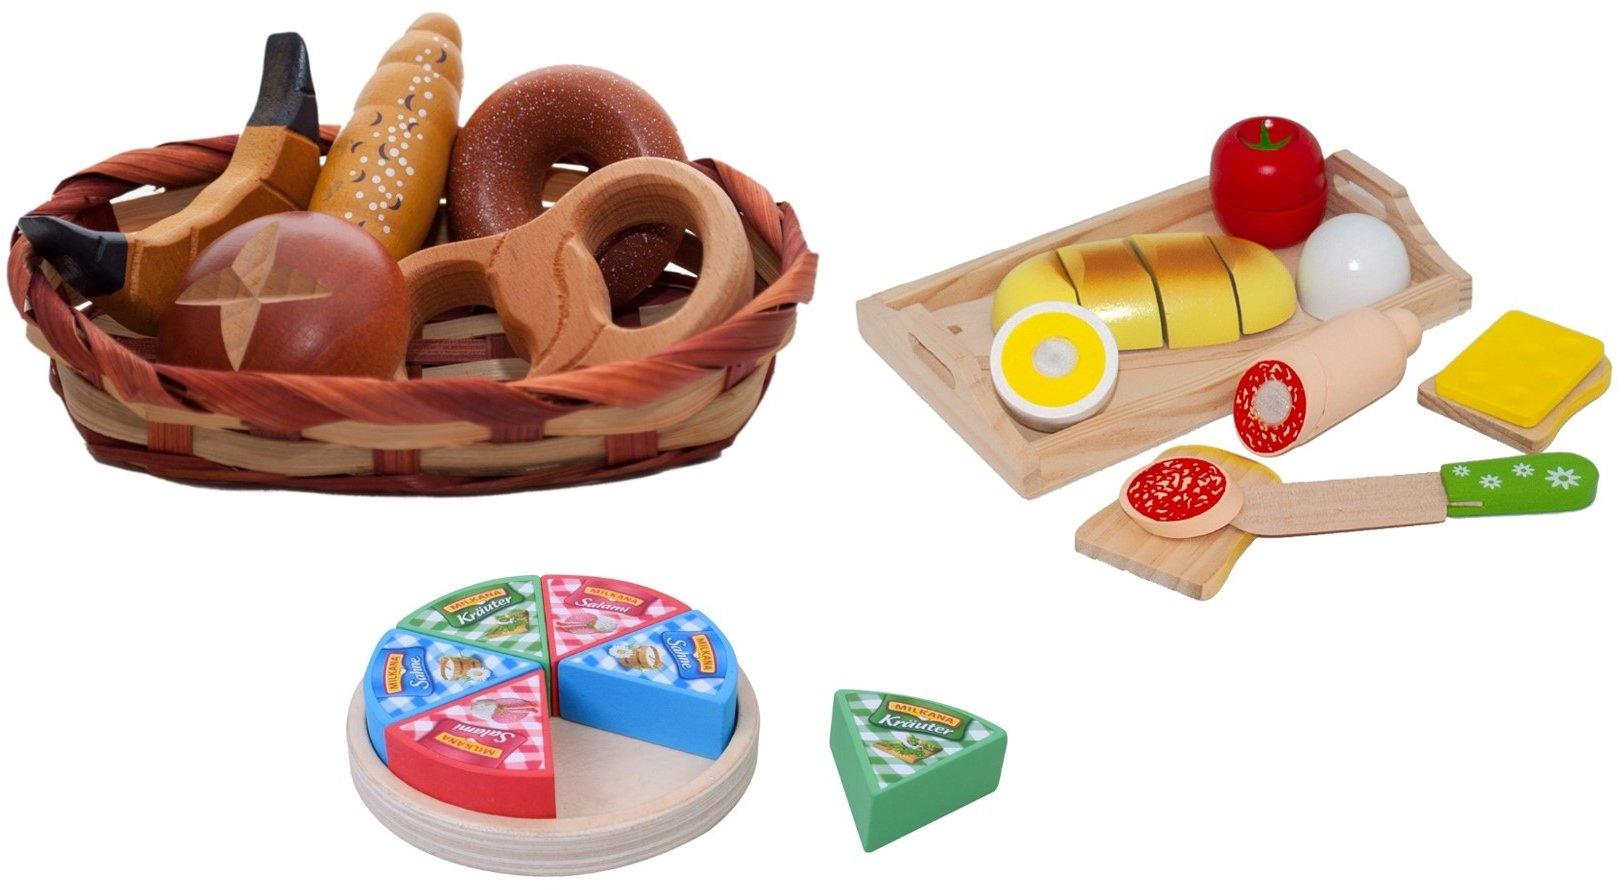 Tanner boodschappenassortiment Ontbijt (set) voordelig en veilig online kopen